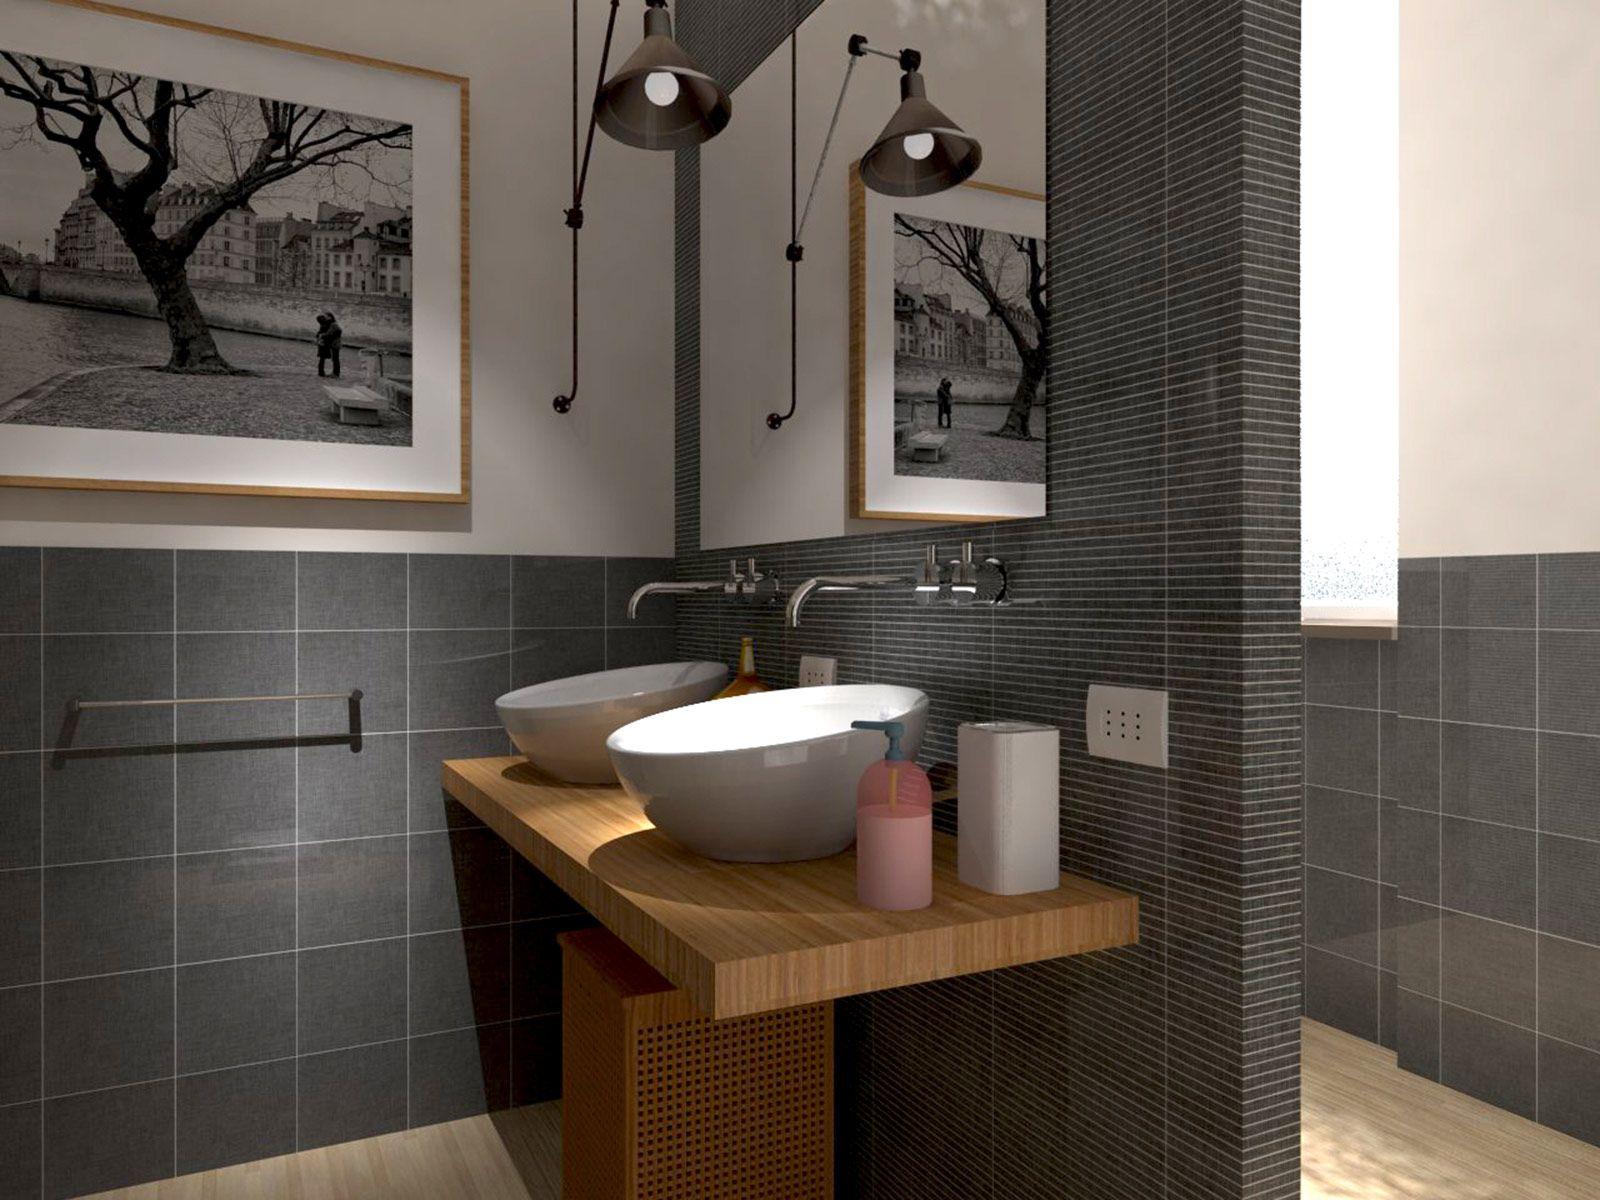 Bagno Progetto ~ Progetto arredamento interni bagno di giciarch su dawanda